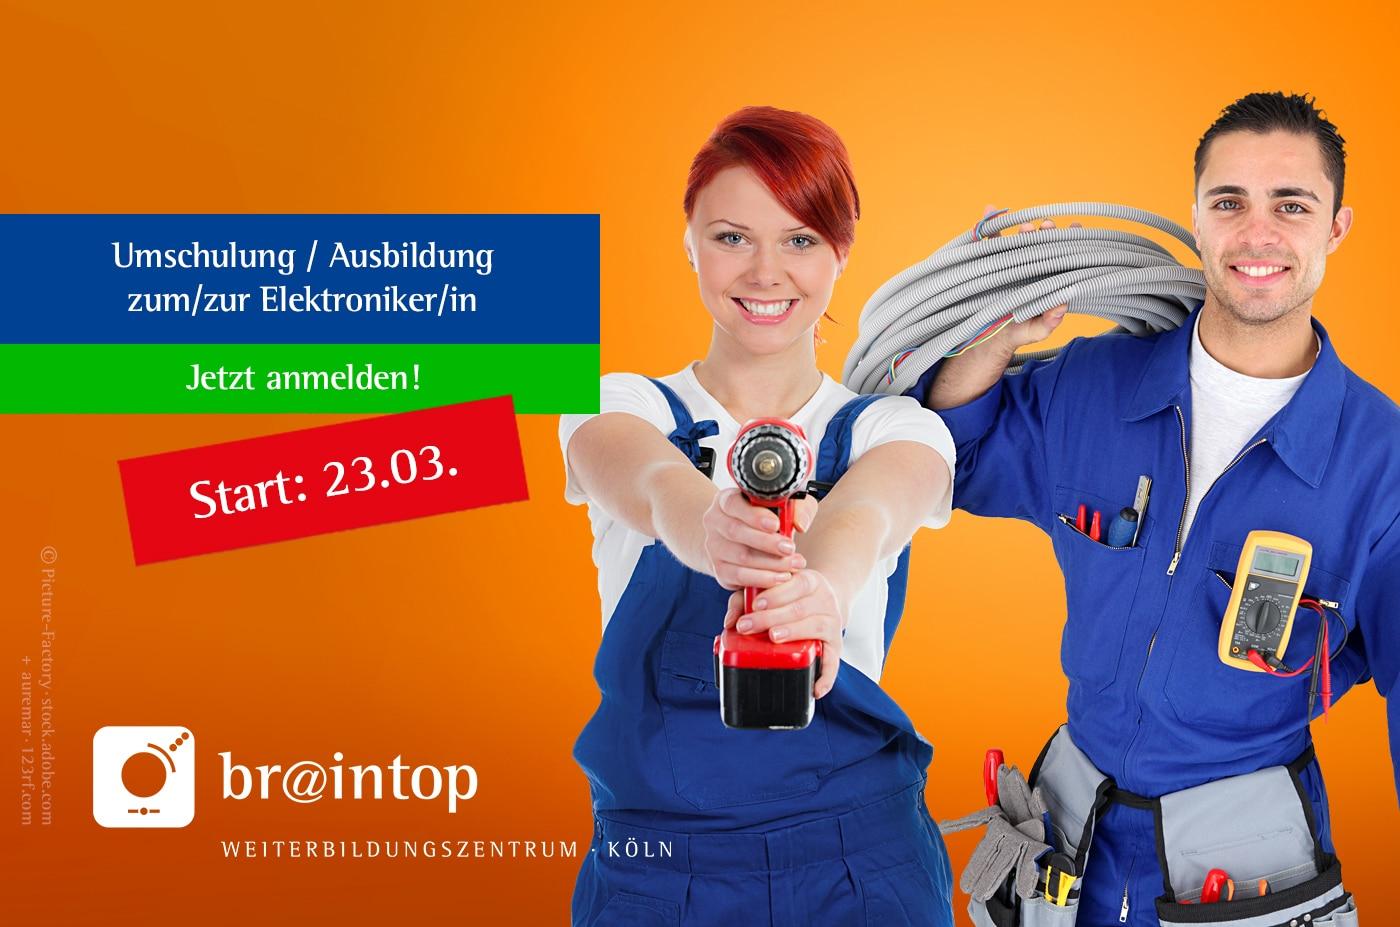 Weiterbildung in Köln für Elektroniker*innen